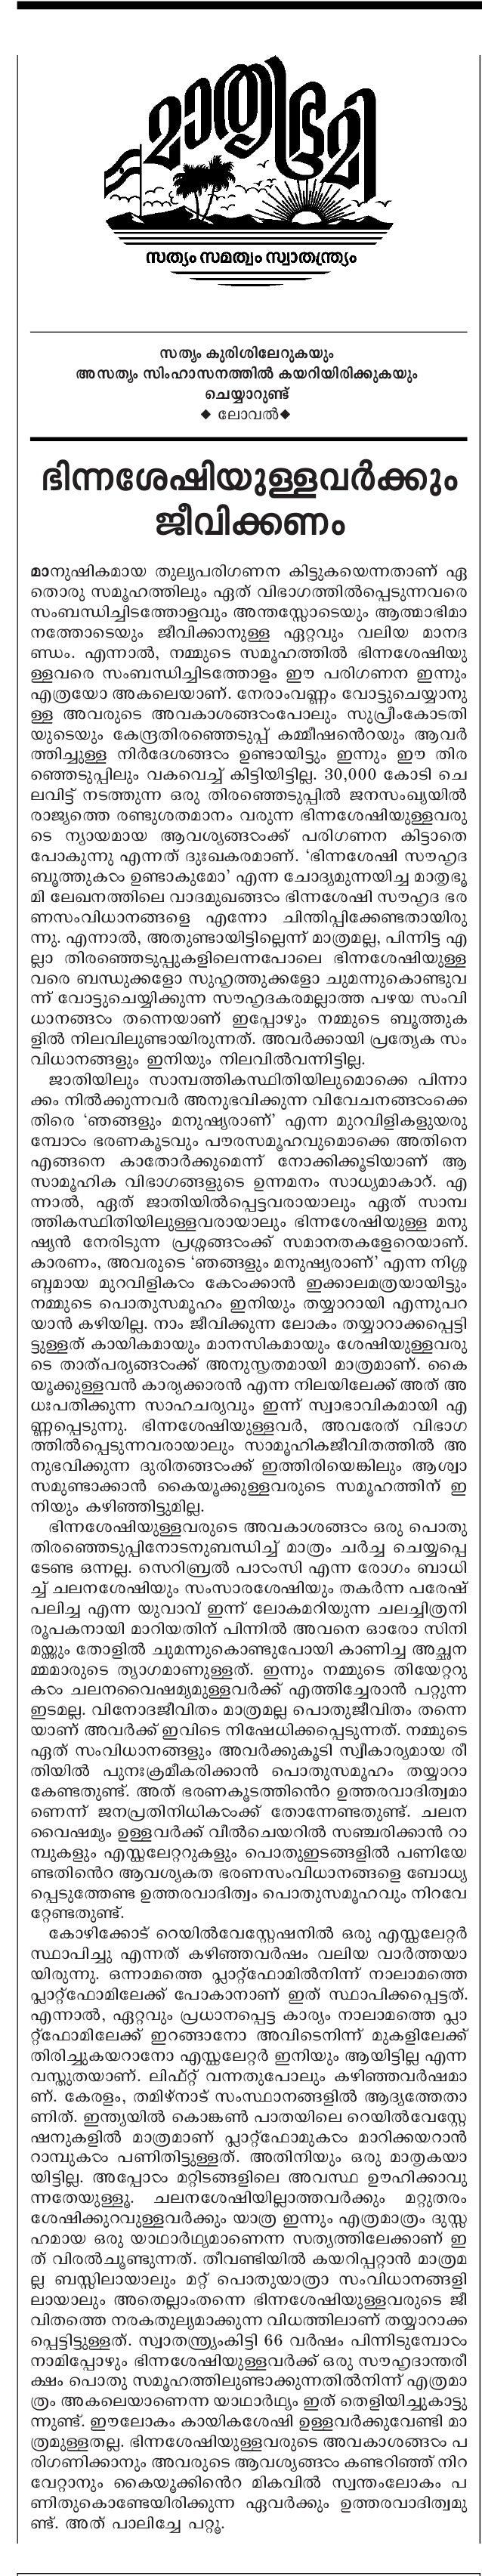 mathrubhumi editorial on 11-04-2014